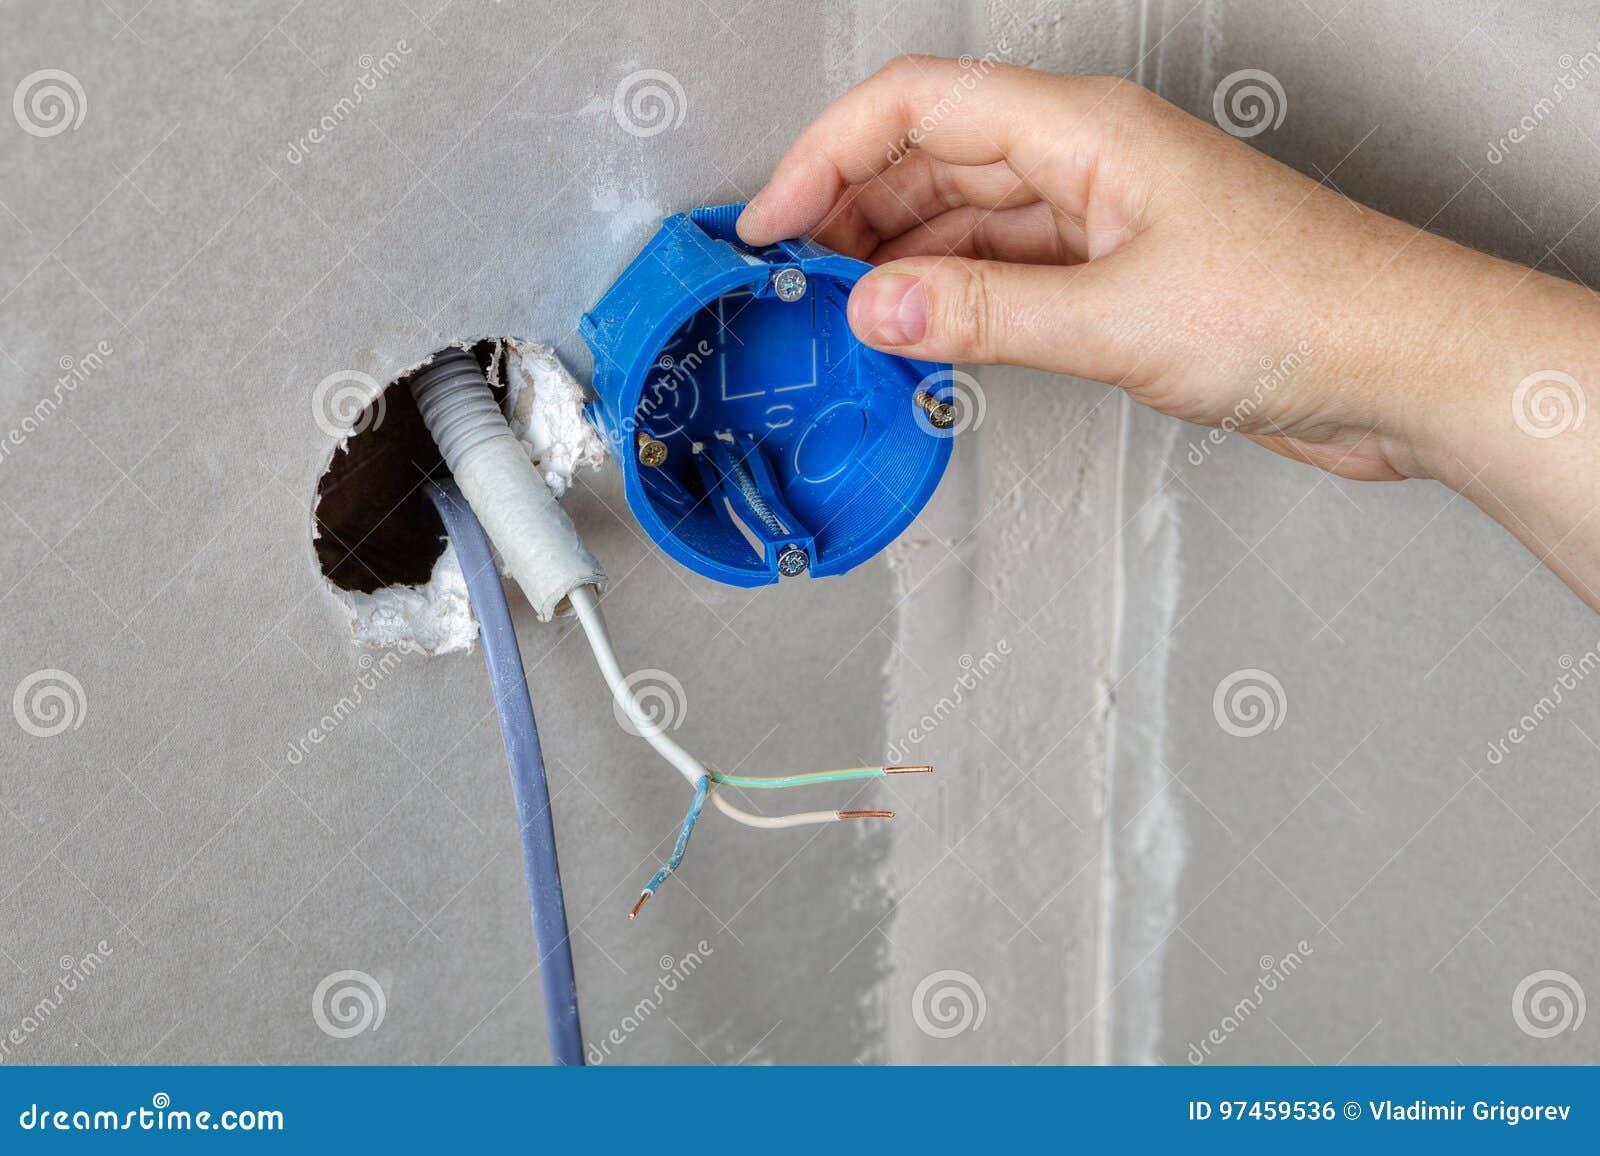 安装电子箱子在墙壁孔,手特写镜头